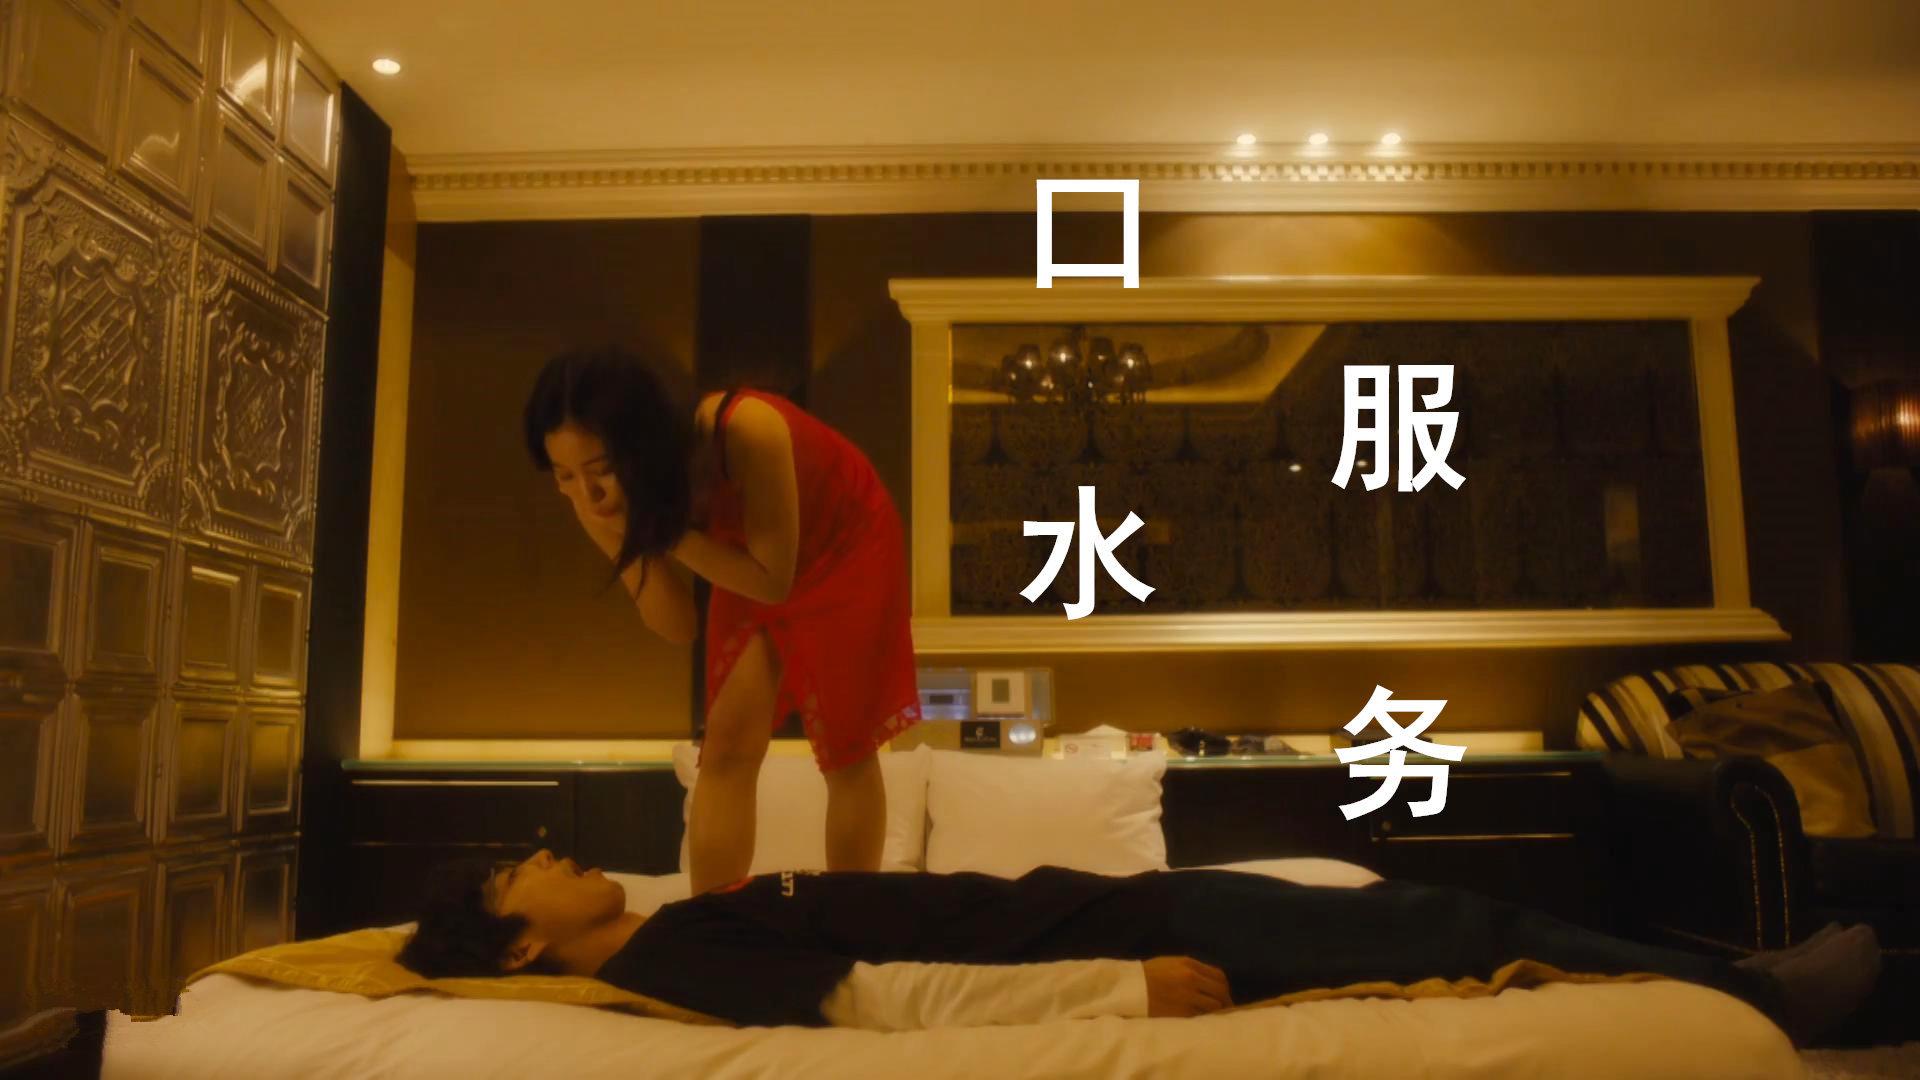 《只在想死的夜晚》,被吐口水这种侮辱,在日本却受喜欢!